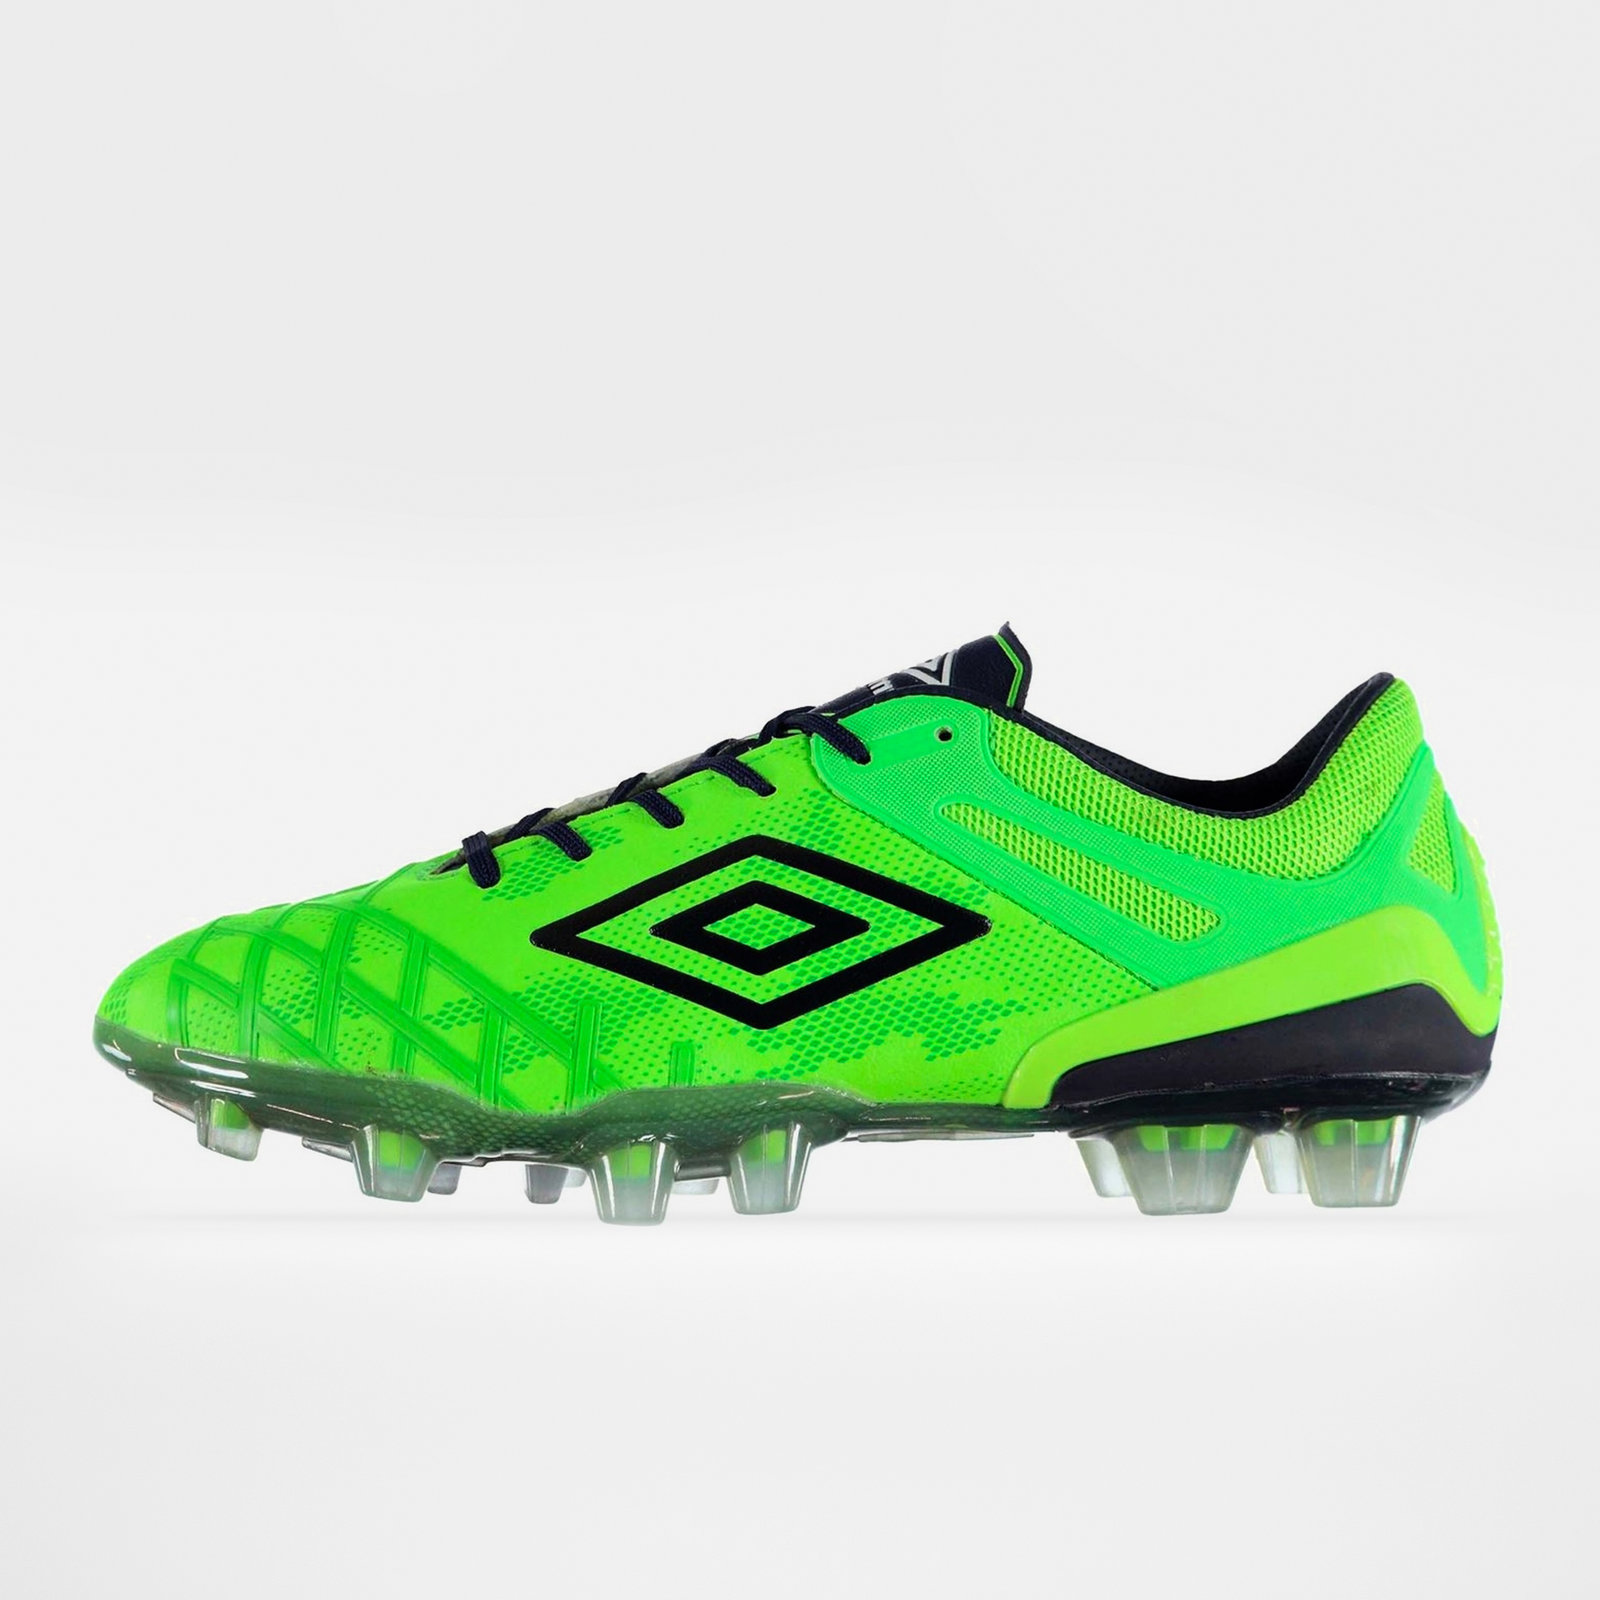 71014603527 Umbro Football Boots   Cheap Umbro Football Boots   Cheapest Deals Online